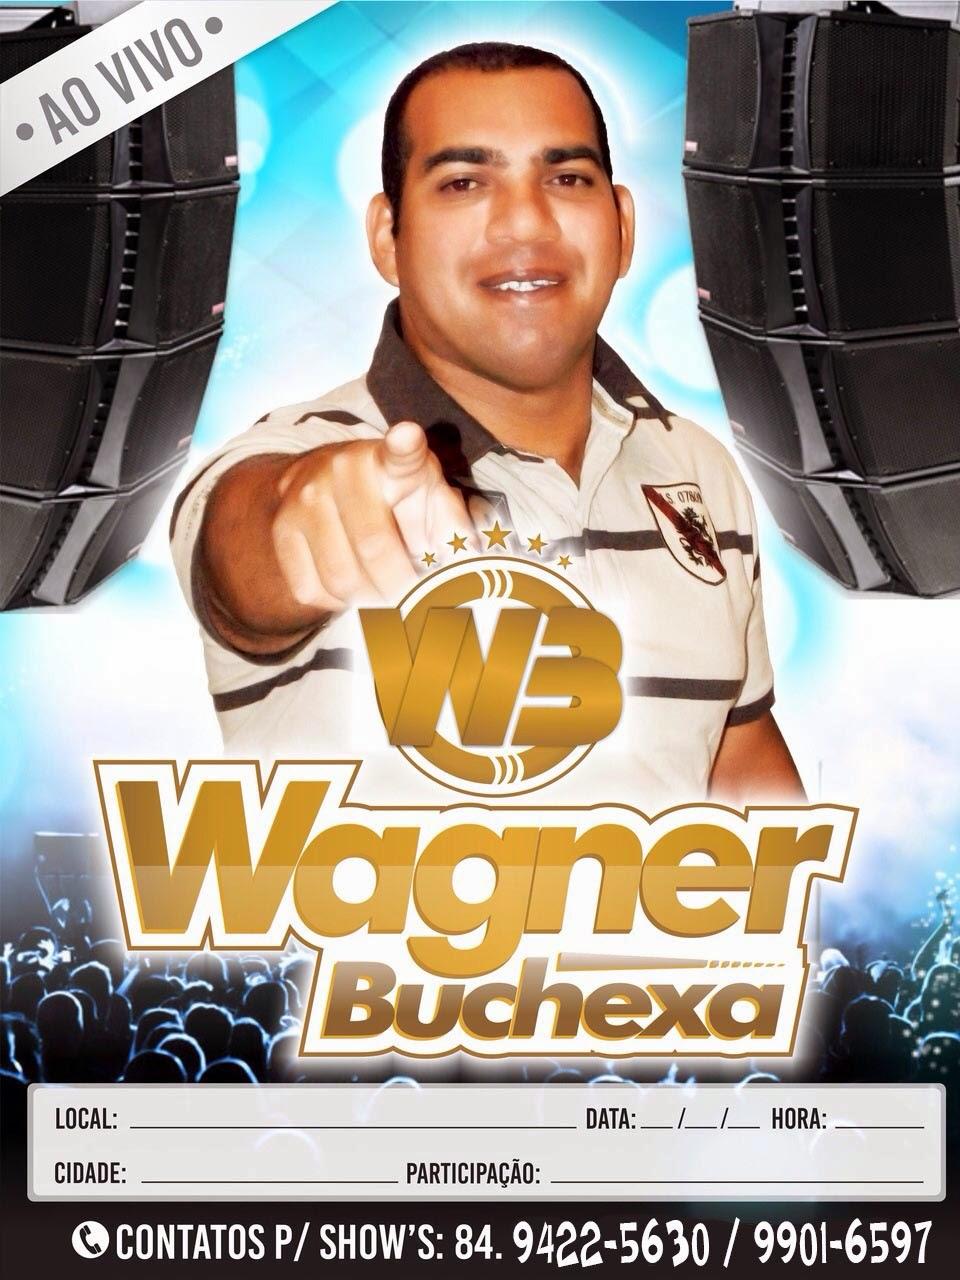 Wagner Buchexa